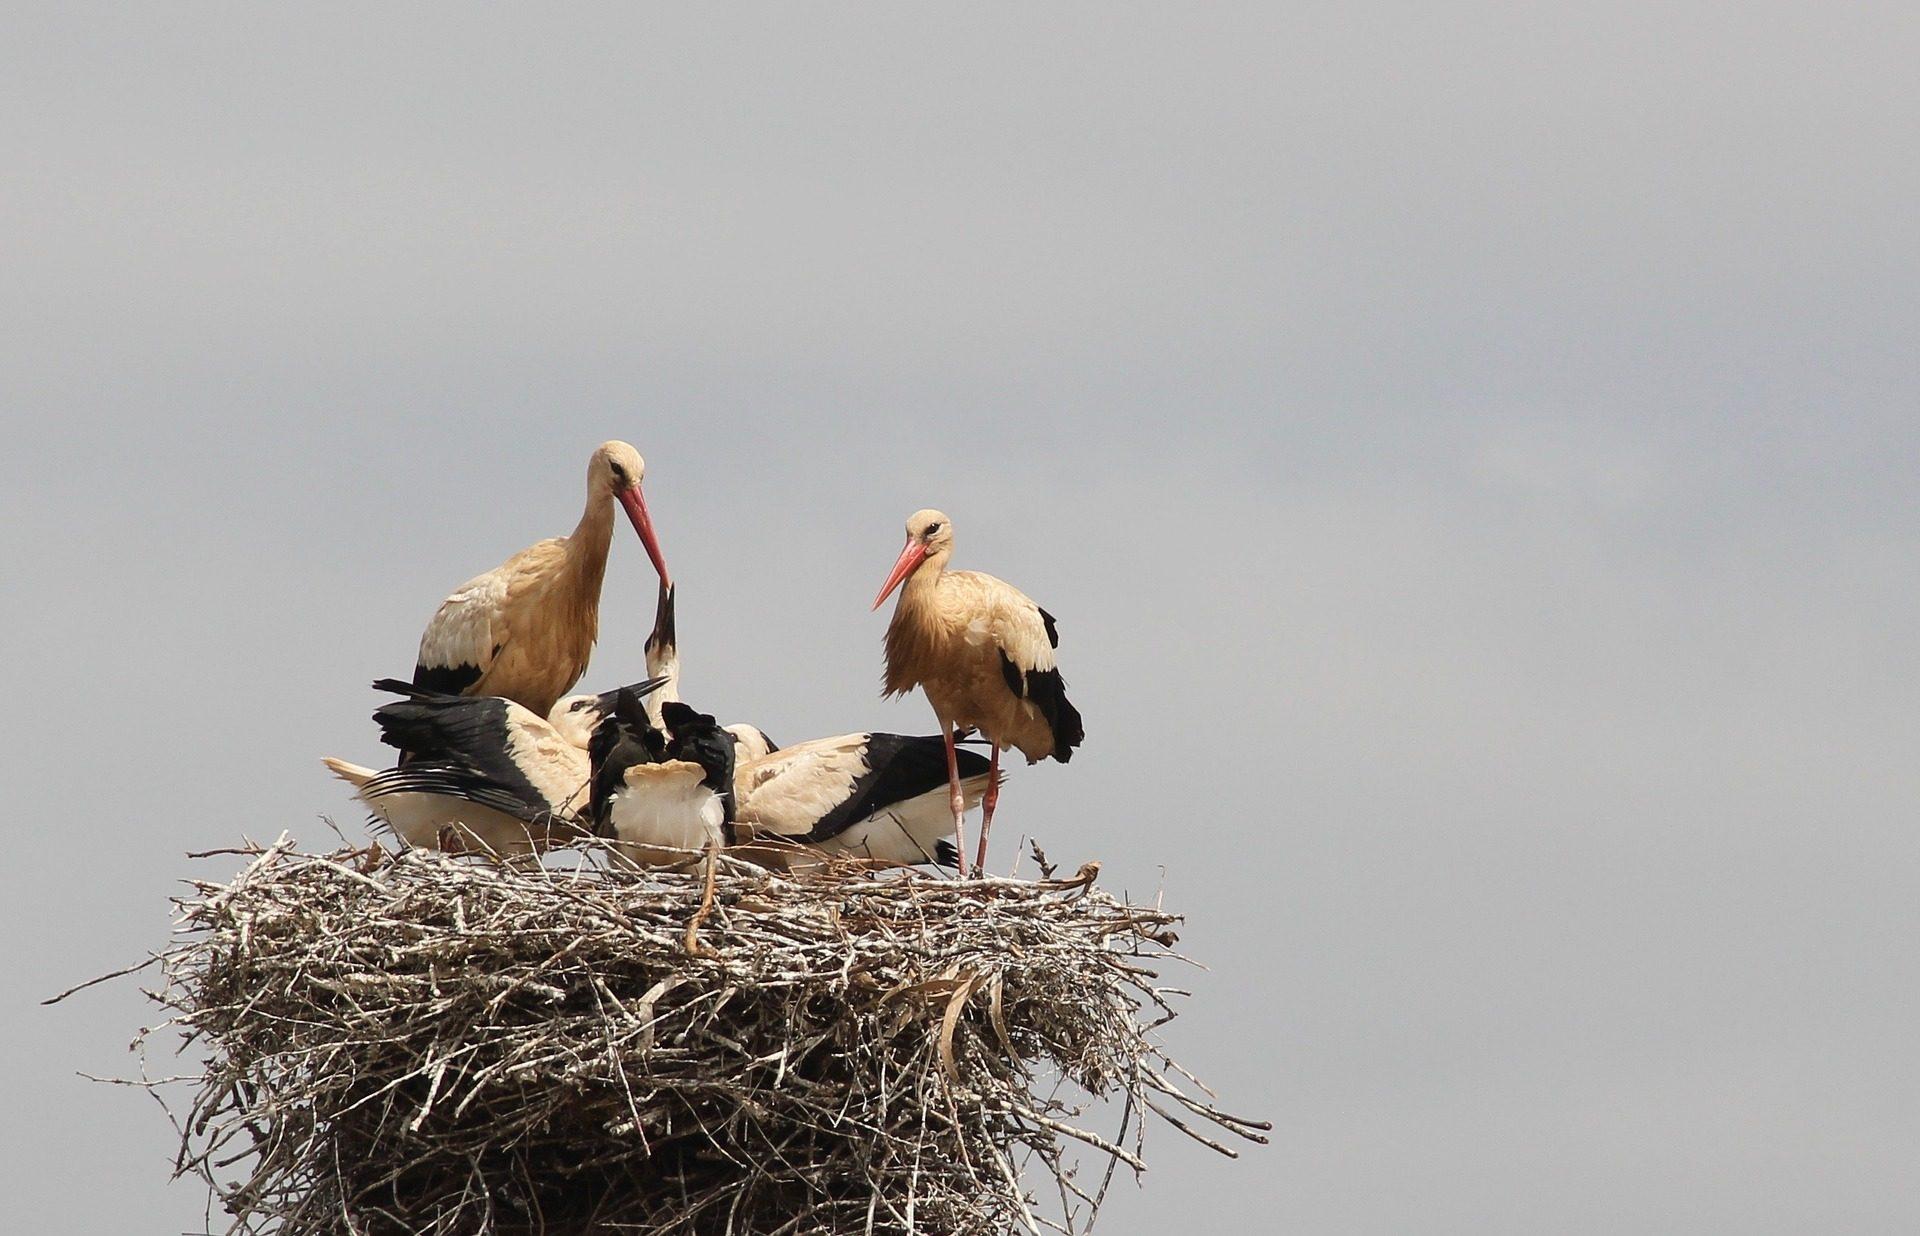 avestruces, nido, crías, alimento, aves - Fondos de Pantalla HD - professor-falken.com